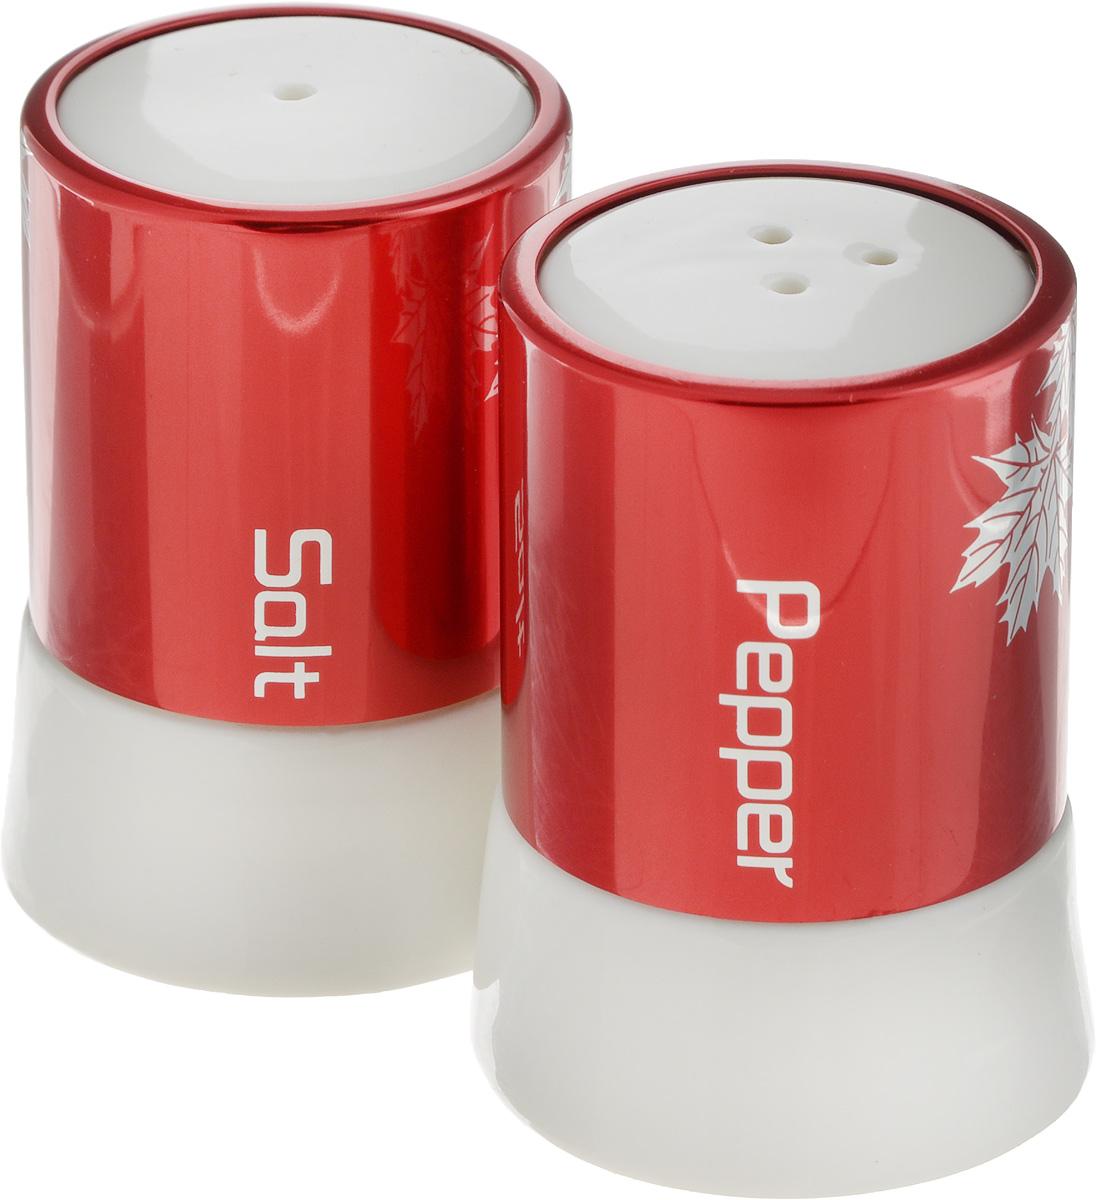 Набор для специй Barton Steel, цвет: красный, 2 предмета21395599Набор баночек для специи и приправ Barton Steel состоит из 2 баночек, которые идеально подходят для соли, перца, красного перца, сахара, кориандра, мяты, базилика, розмарина, корицы, горчицы. Корпусы контейнеров сделаны из сочетания фарфора и металла, они имеют гладкий дизайн. Этот набор оригинального дизайна и безукоризненного качества станет украшением вашего стола.Размер баночек для специй: 7,5 х 5 х 5,5 см.